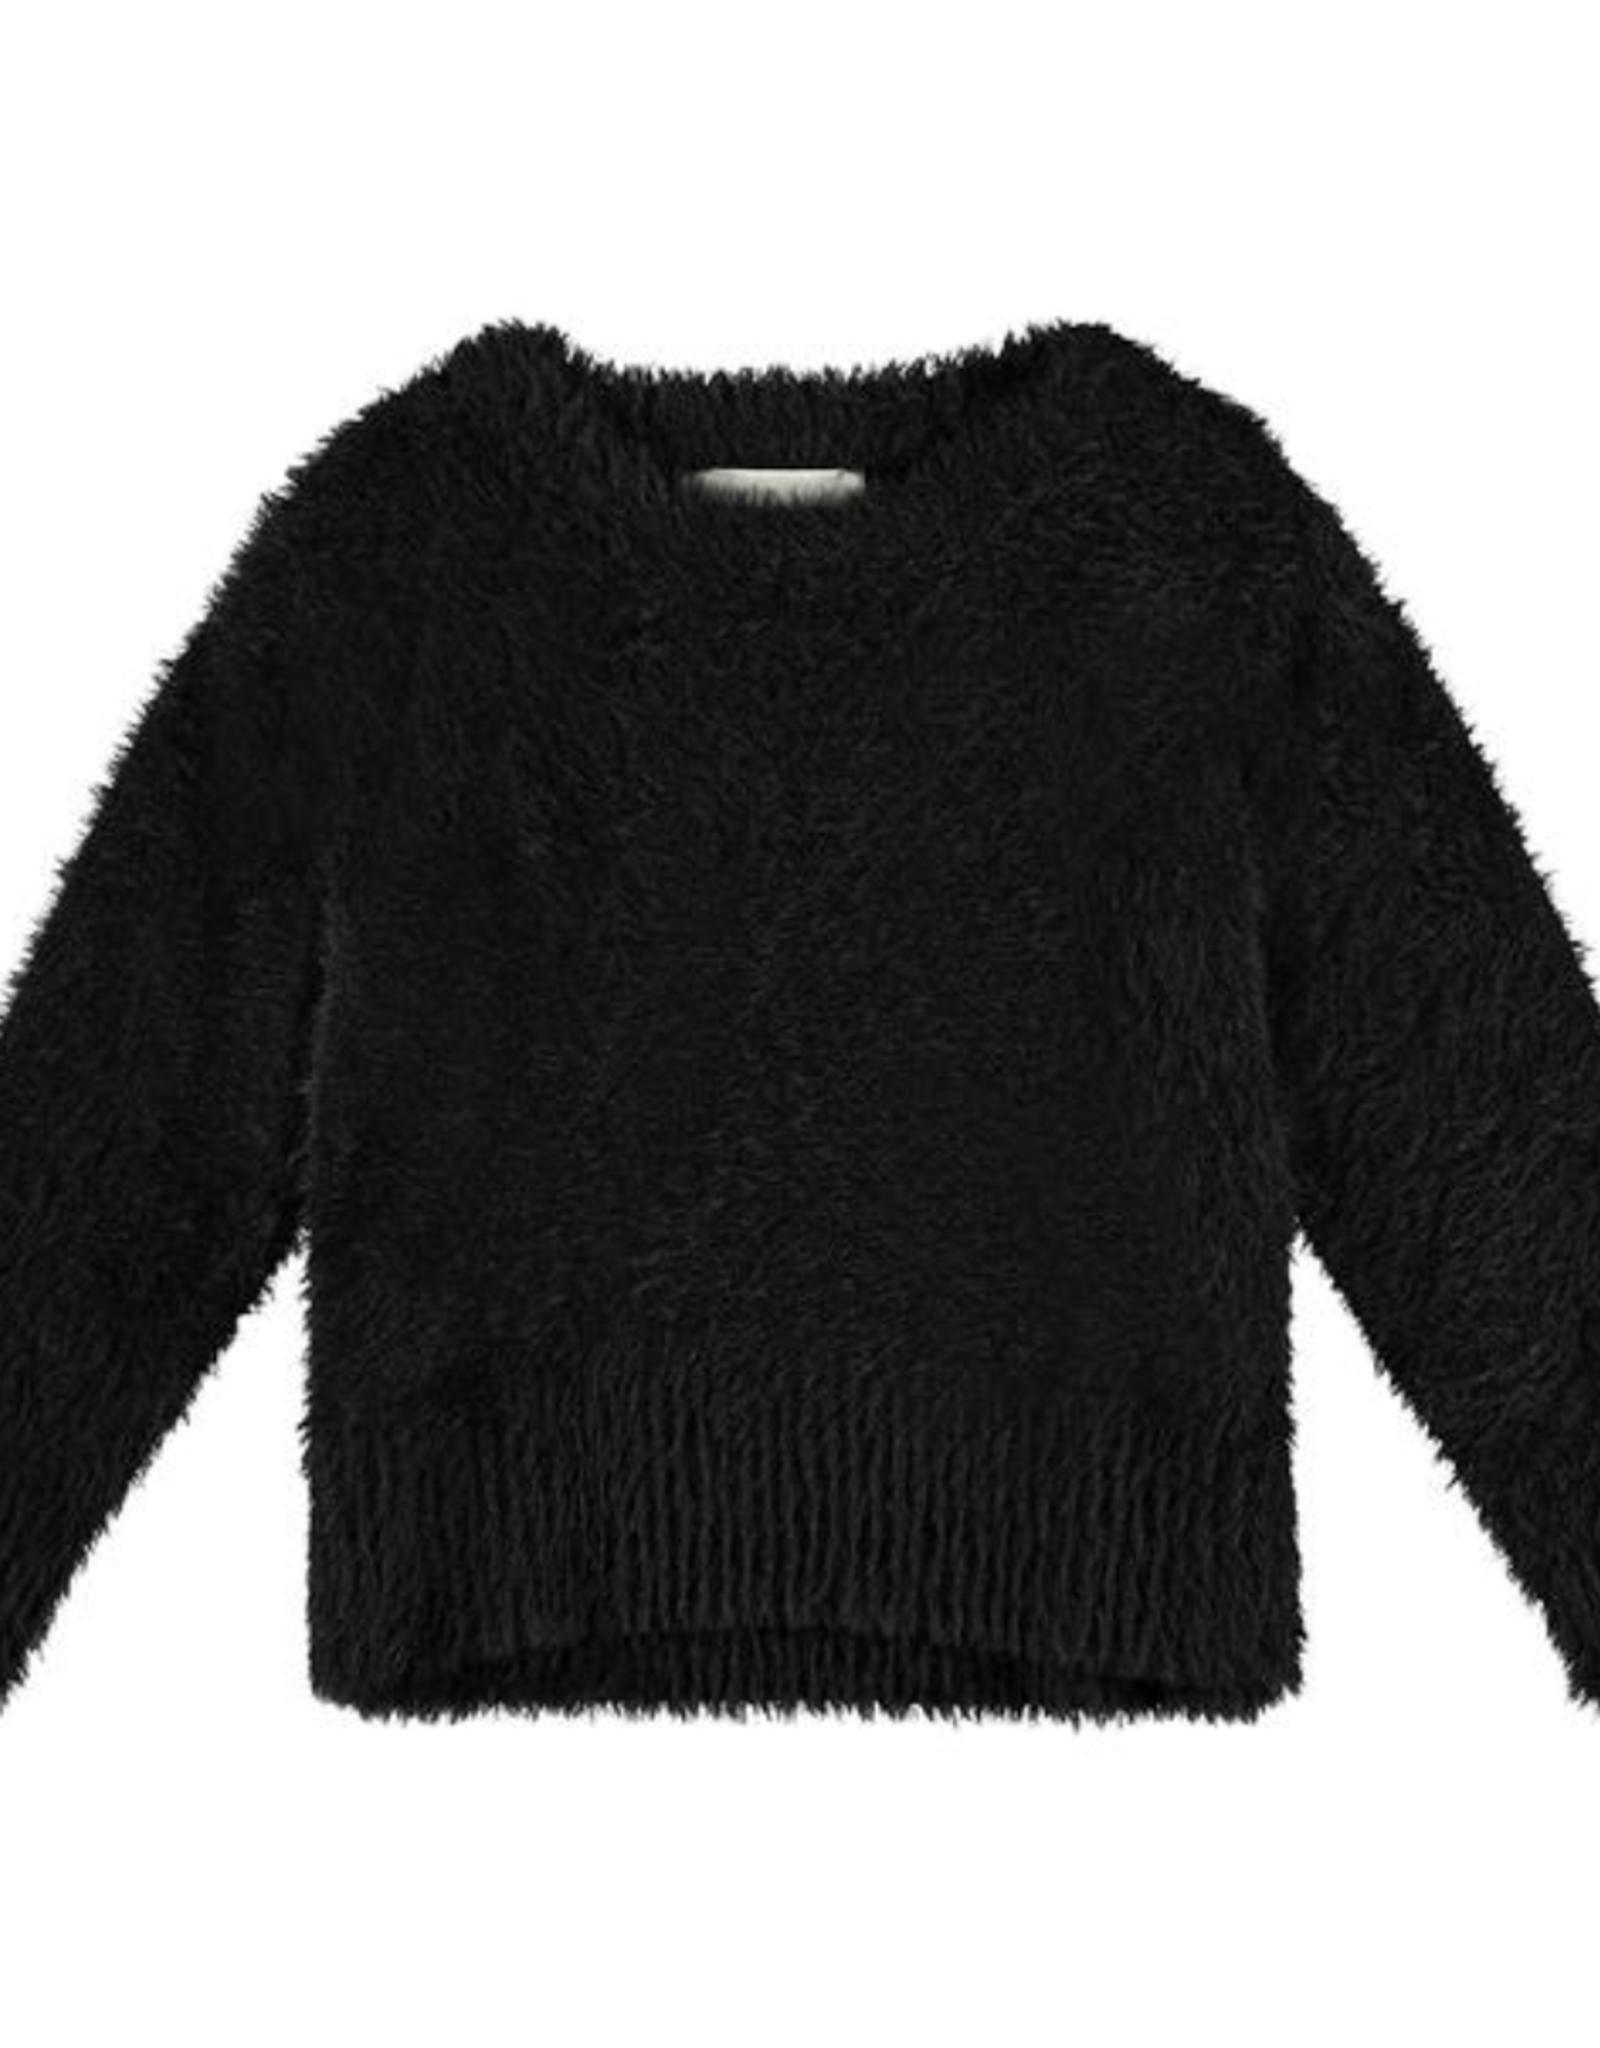 Bella Dahl Bella Dahl Fuzzy Cropped Pullover